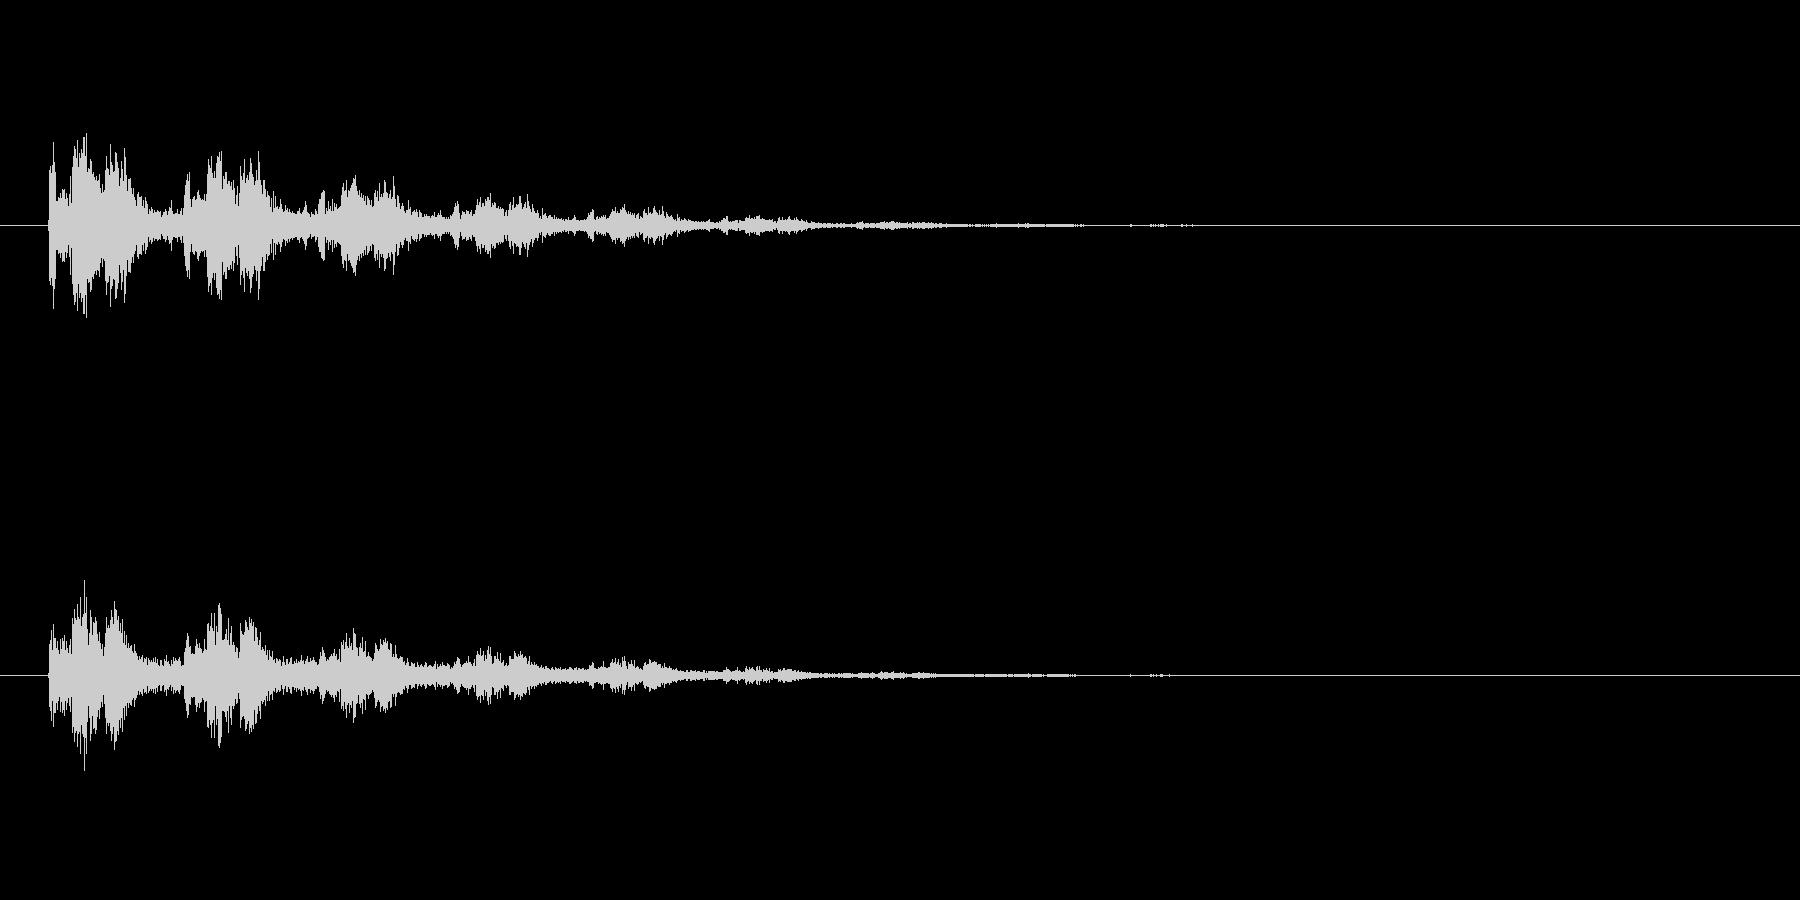 【スポットライト03-2】の未再生の波形